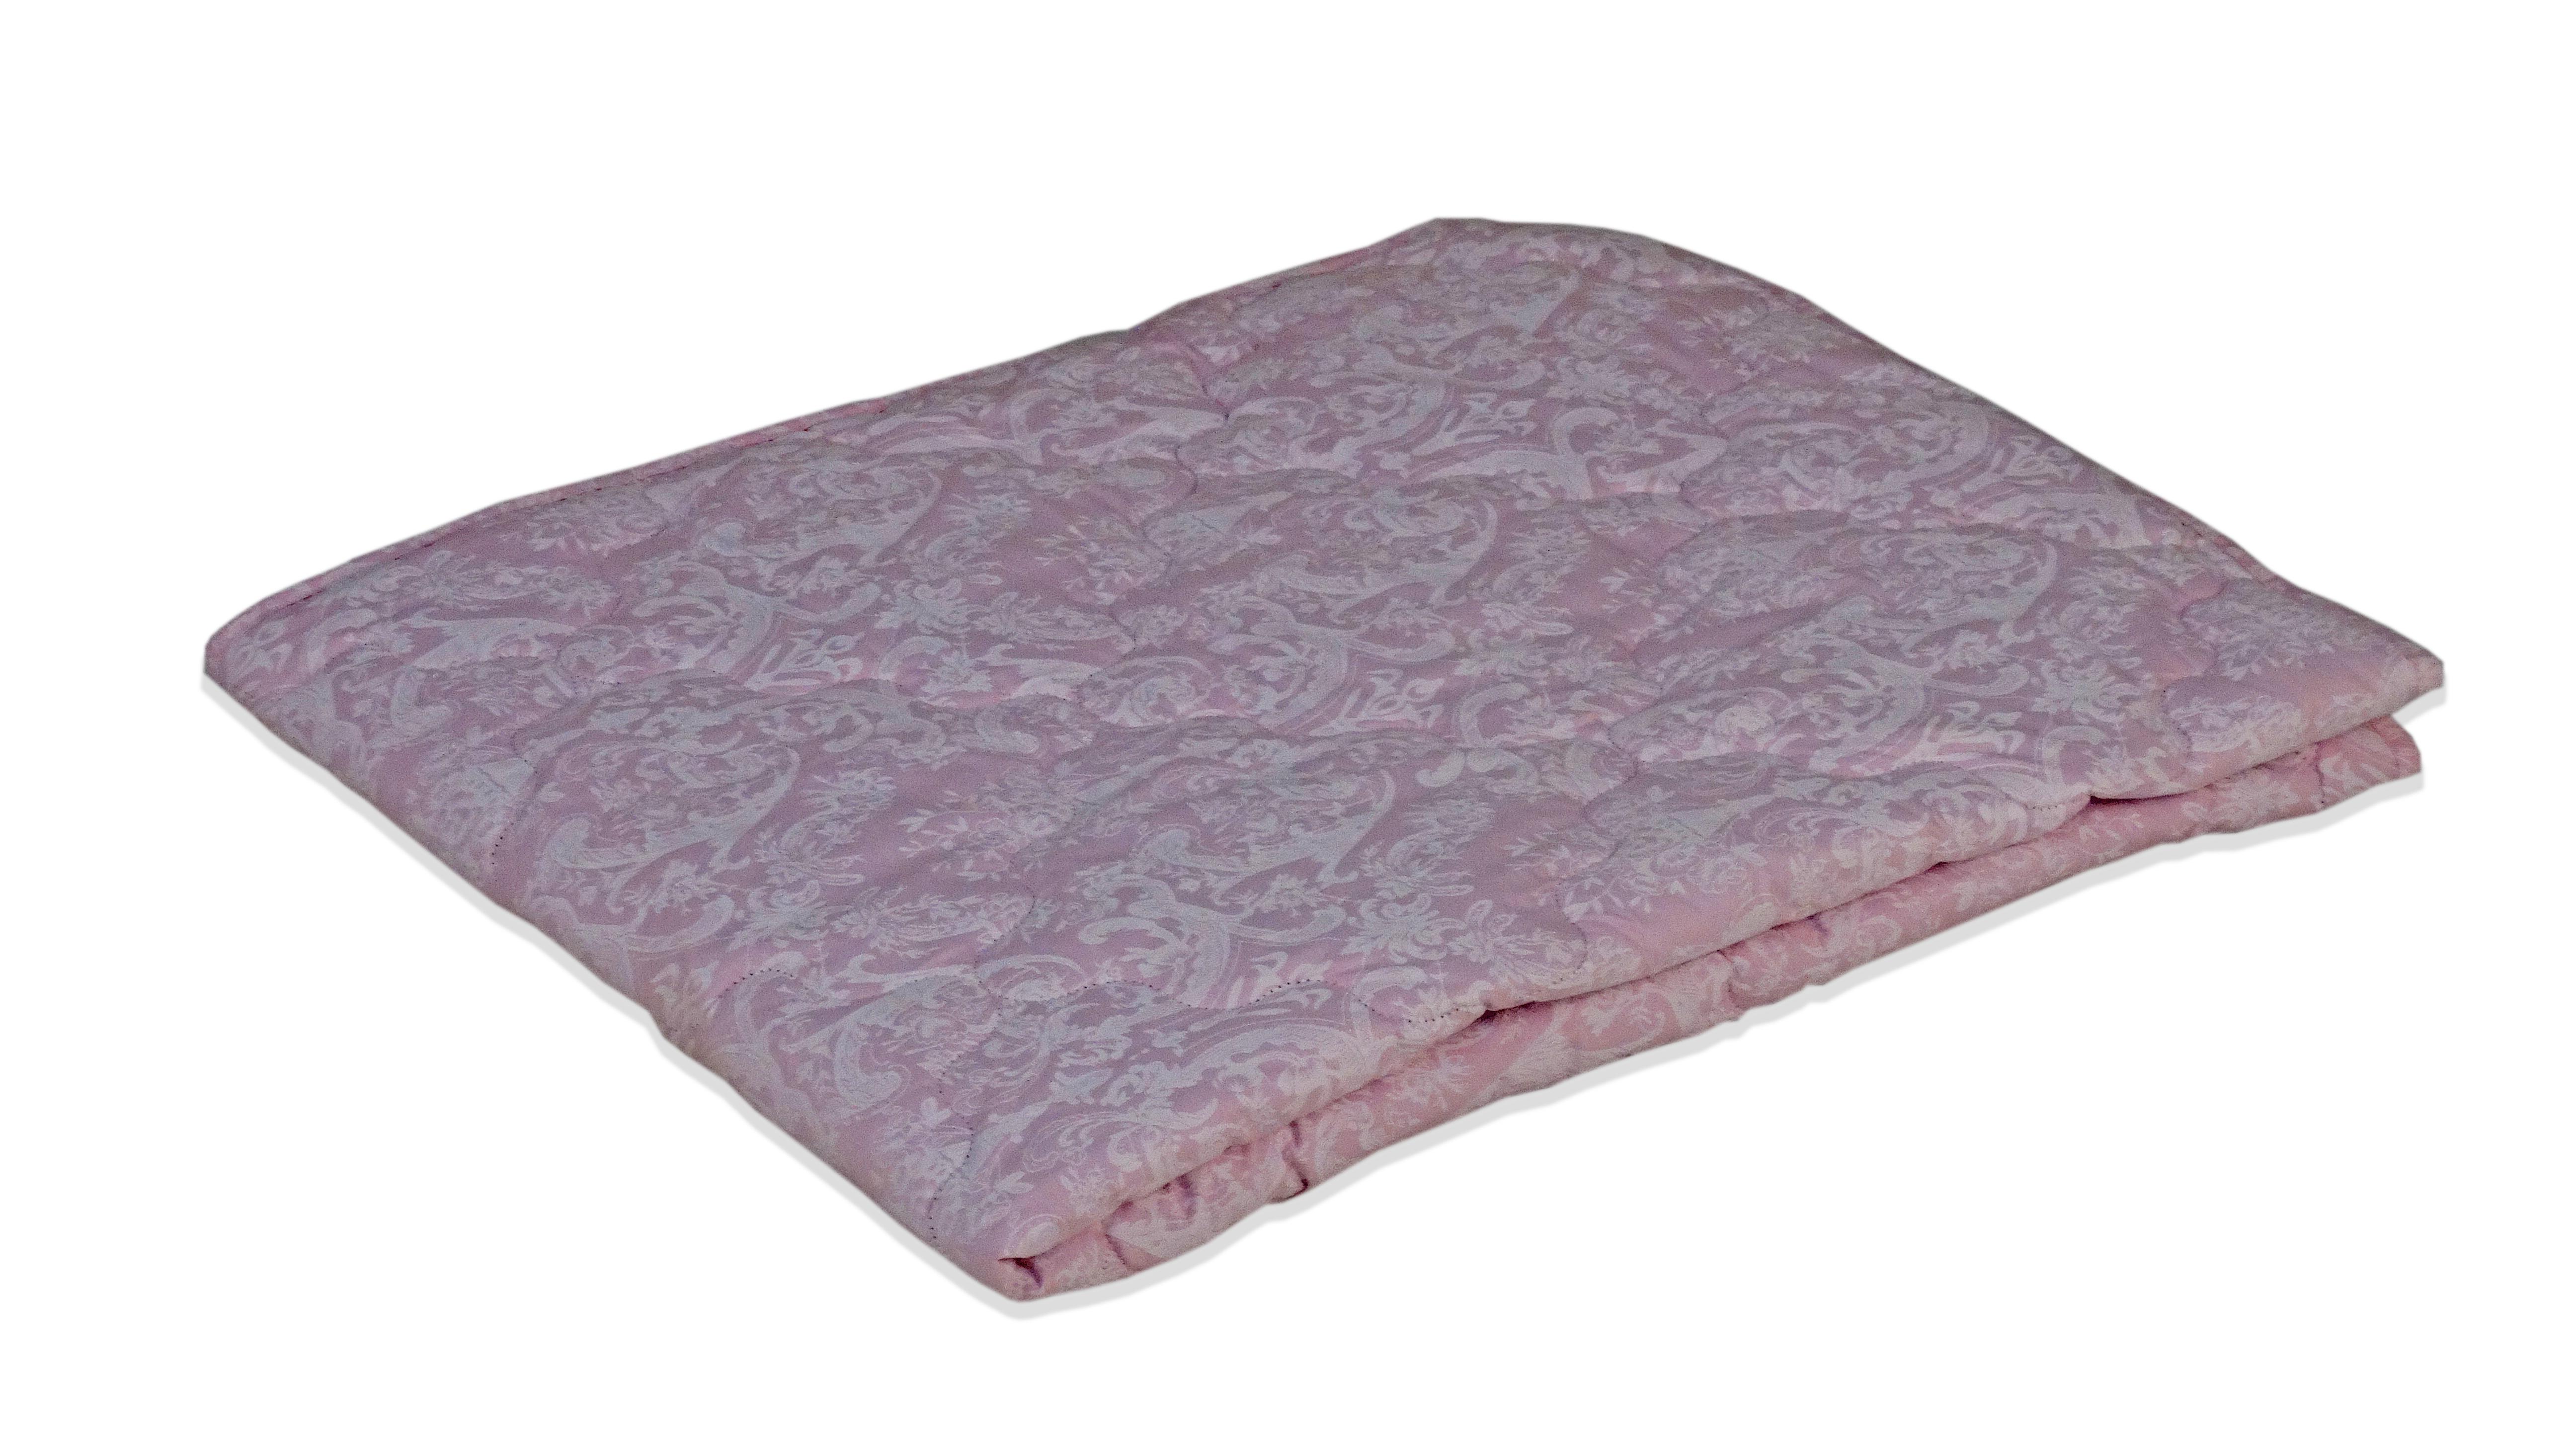 Одеяло детское ОВ(04)-10(О)/розовый, белый одеяло евростандарт сова и жаворонок верблюжья шерсть сиж